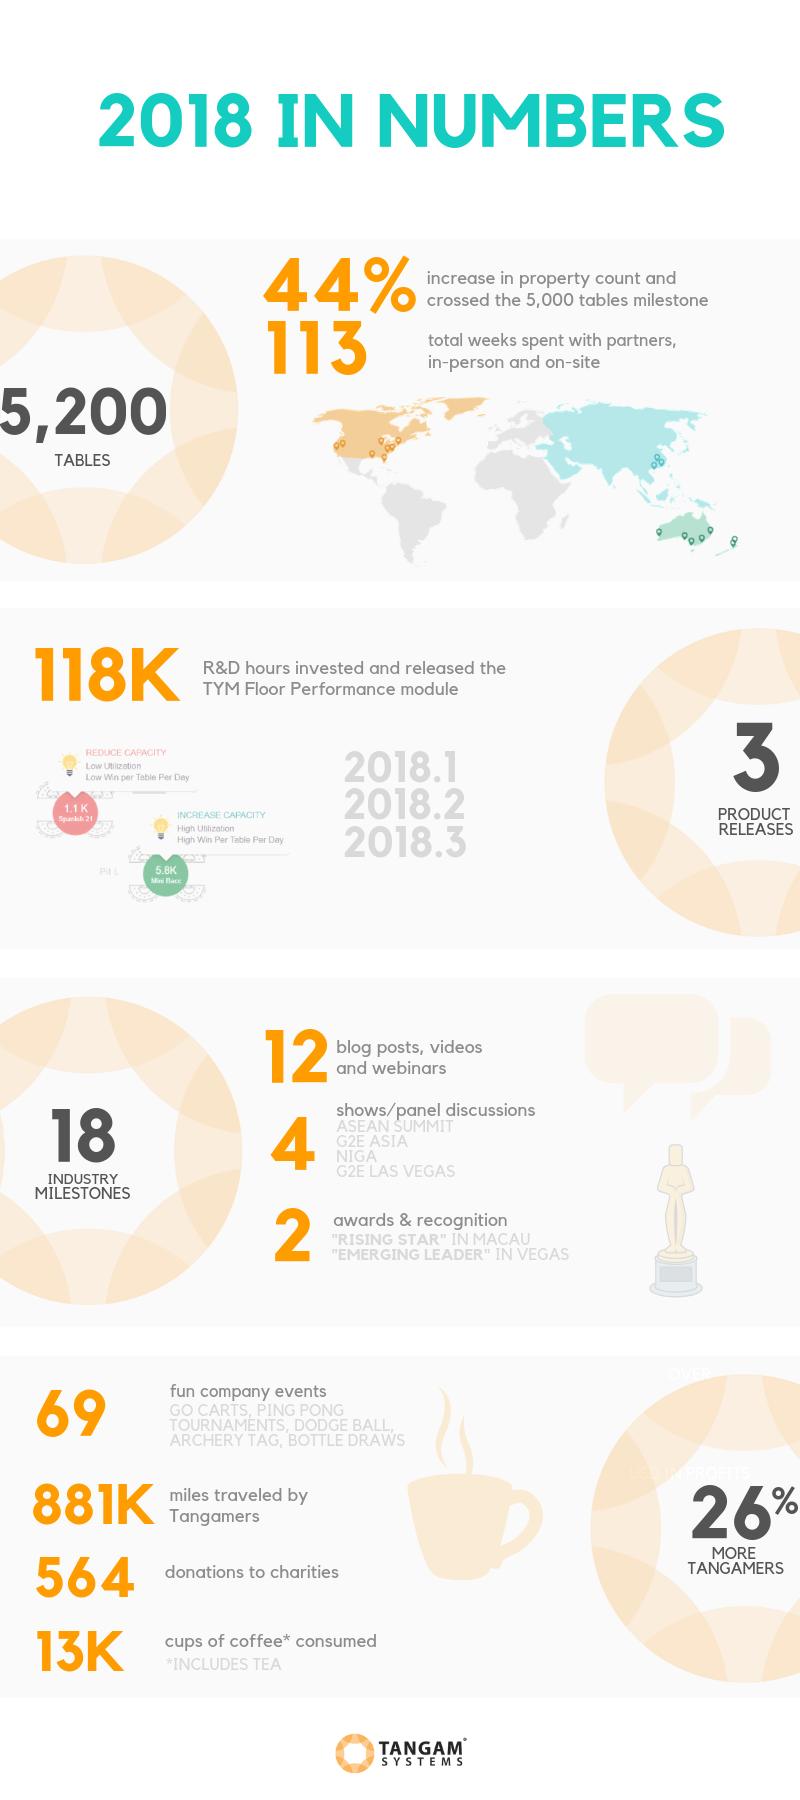 Tangam's 2018 Milestones